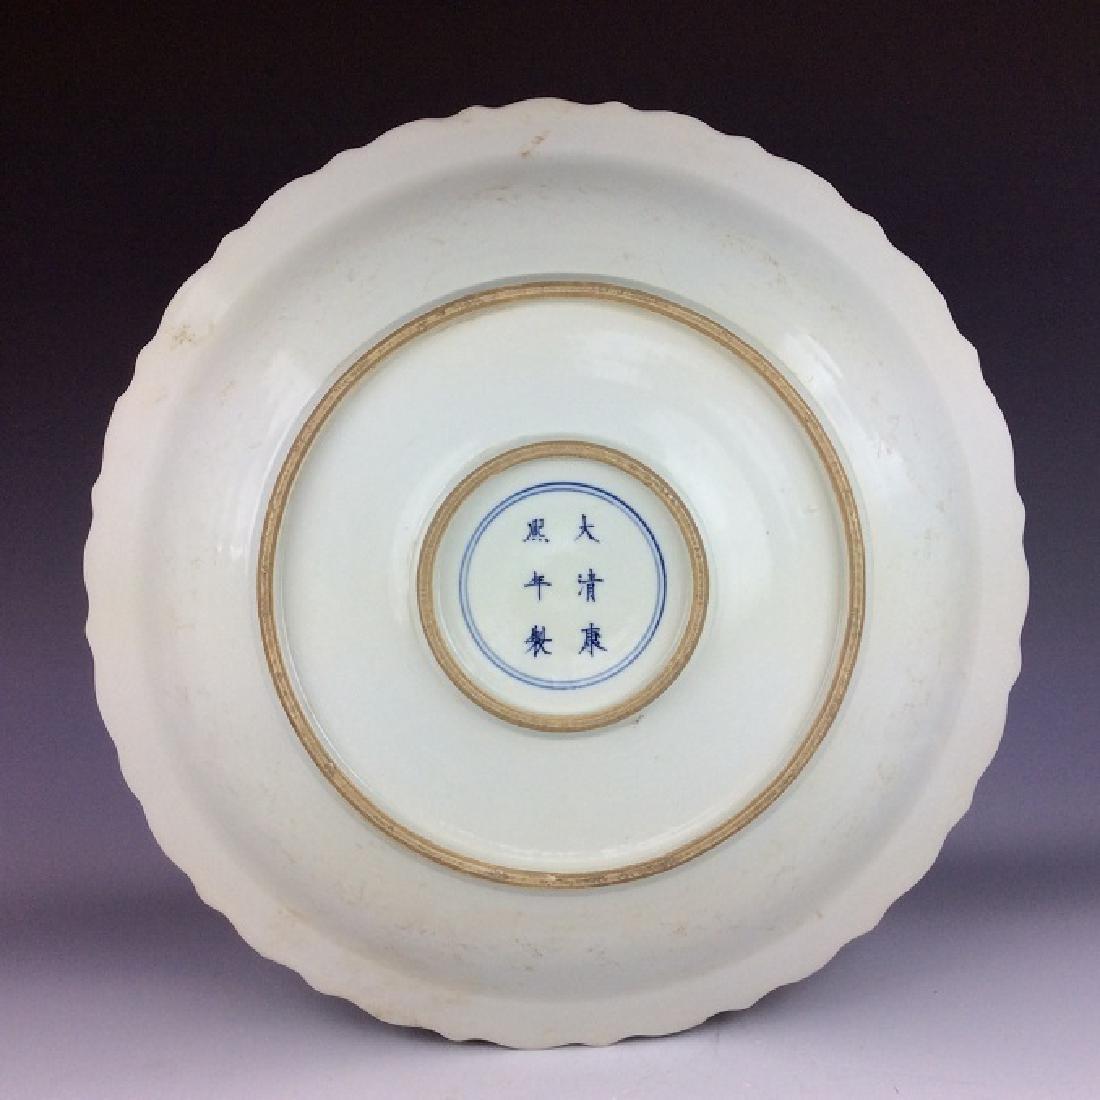 Large Chinese blue & white glazed porcelain plate,